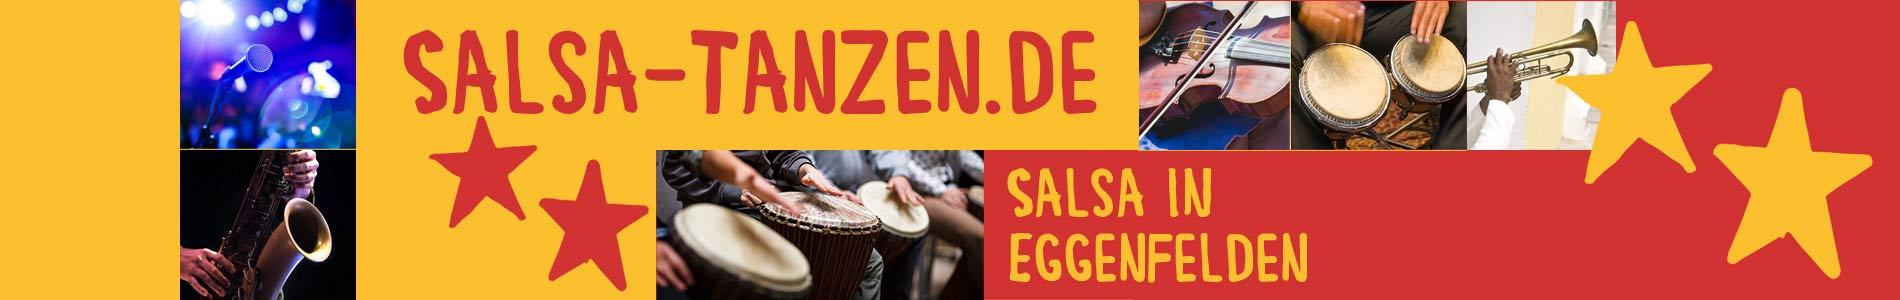 Salsa in Eggenfelden – Salsa lernen und tanzen, Tanzkurse, Partys, Veranstaltungen